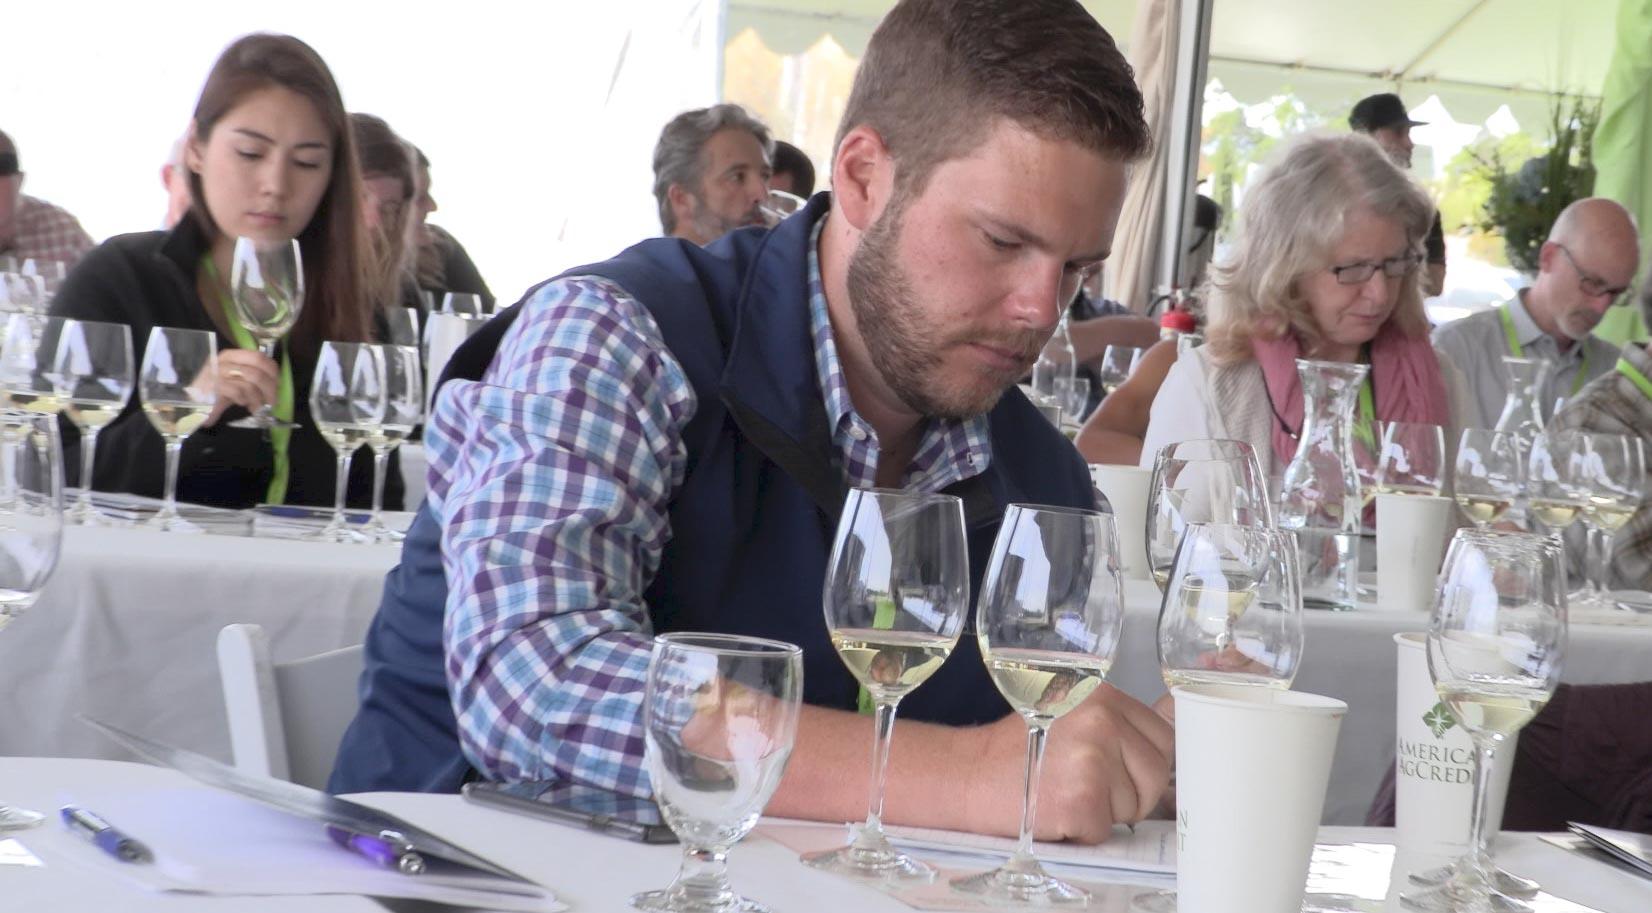 Sauvignon Blanc Experience International Symposium 2018